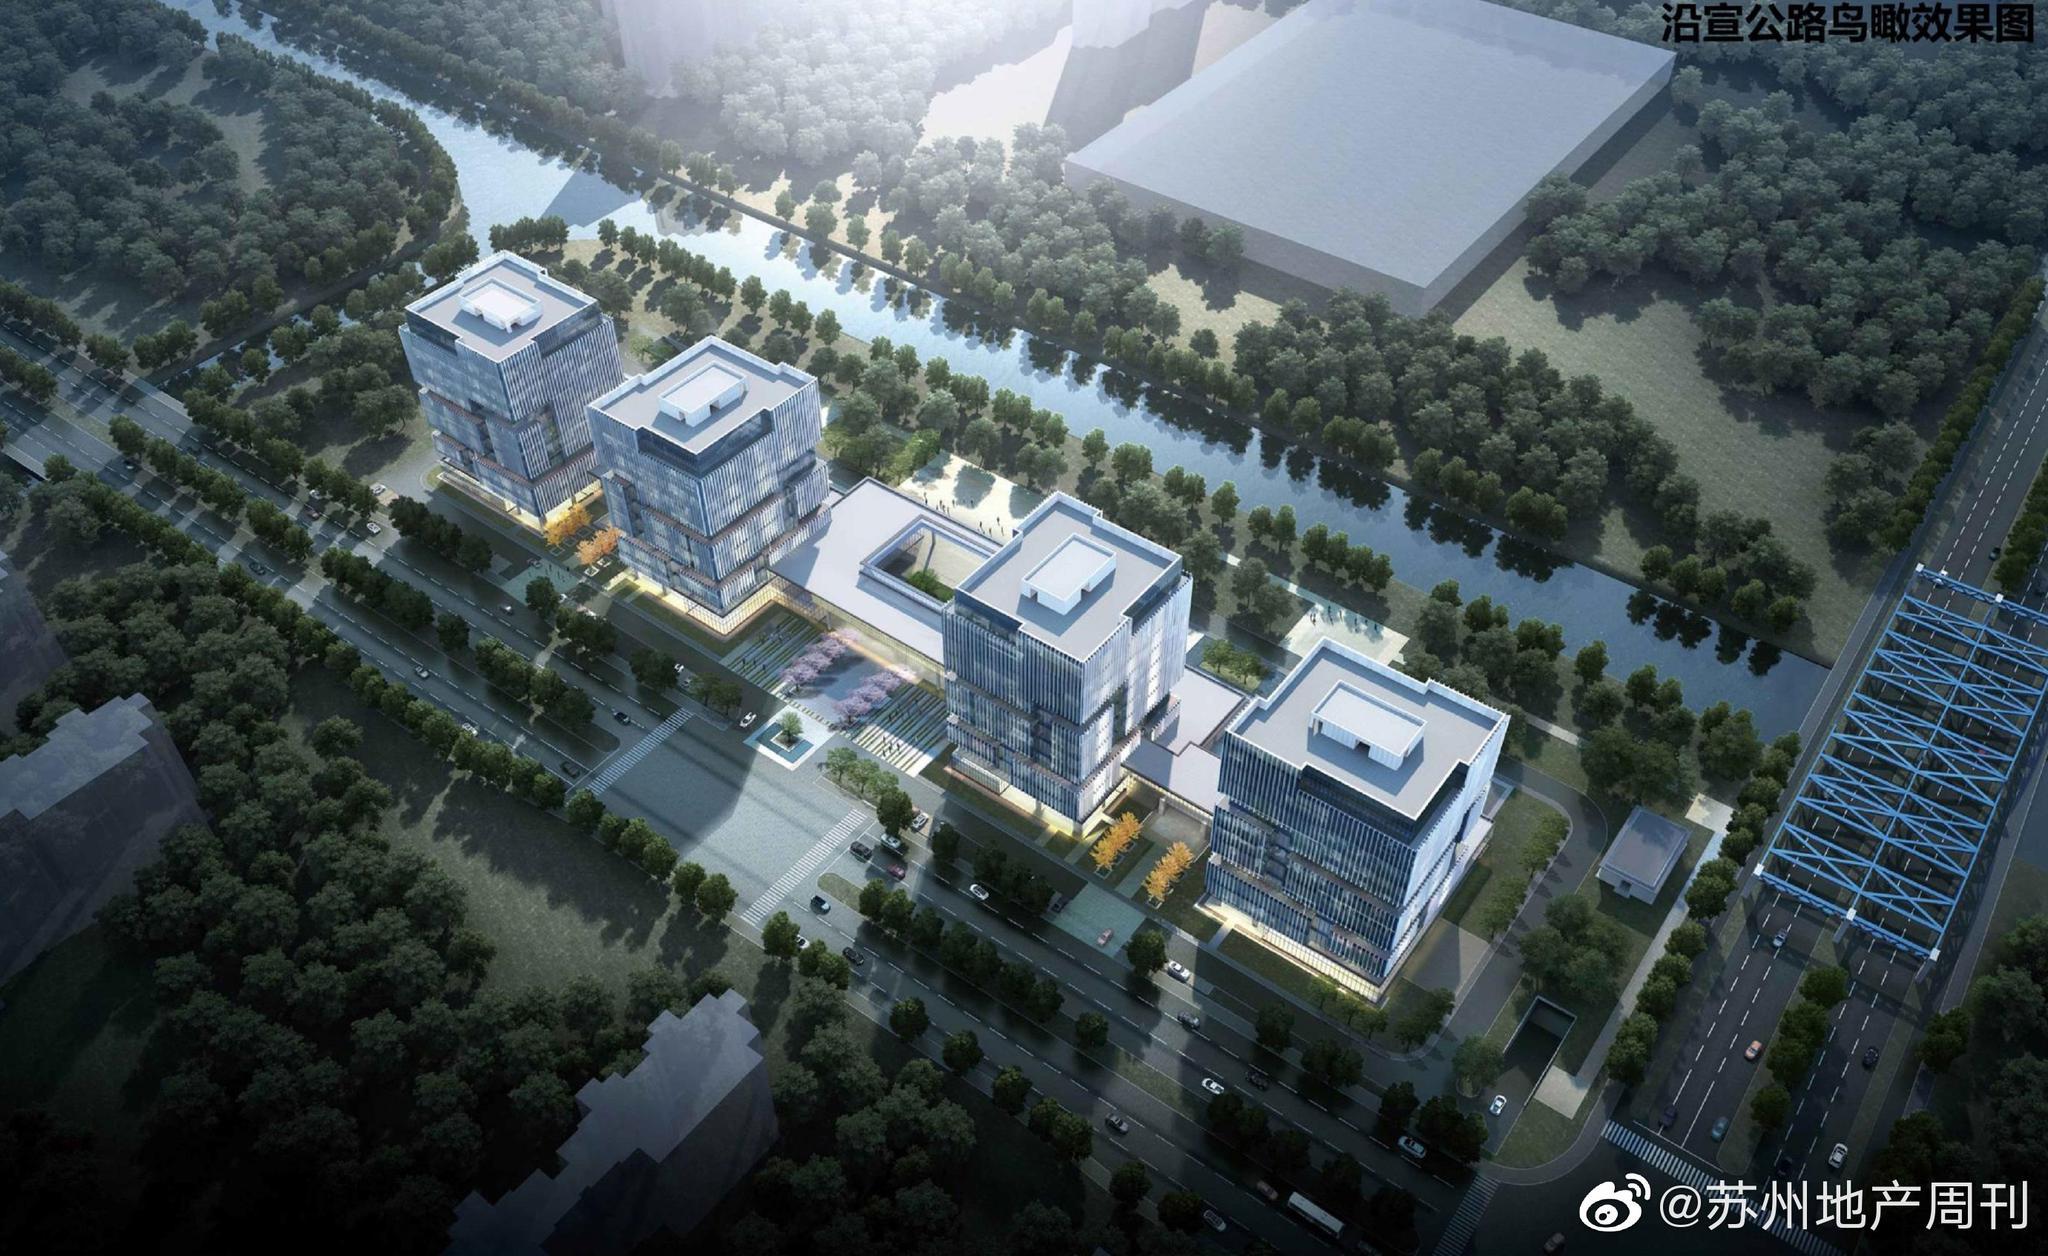 万科北宸东面的新产业楼,这条河是元和塘,河的东西两边区分明显